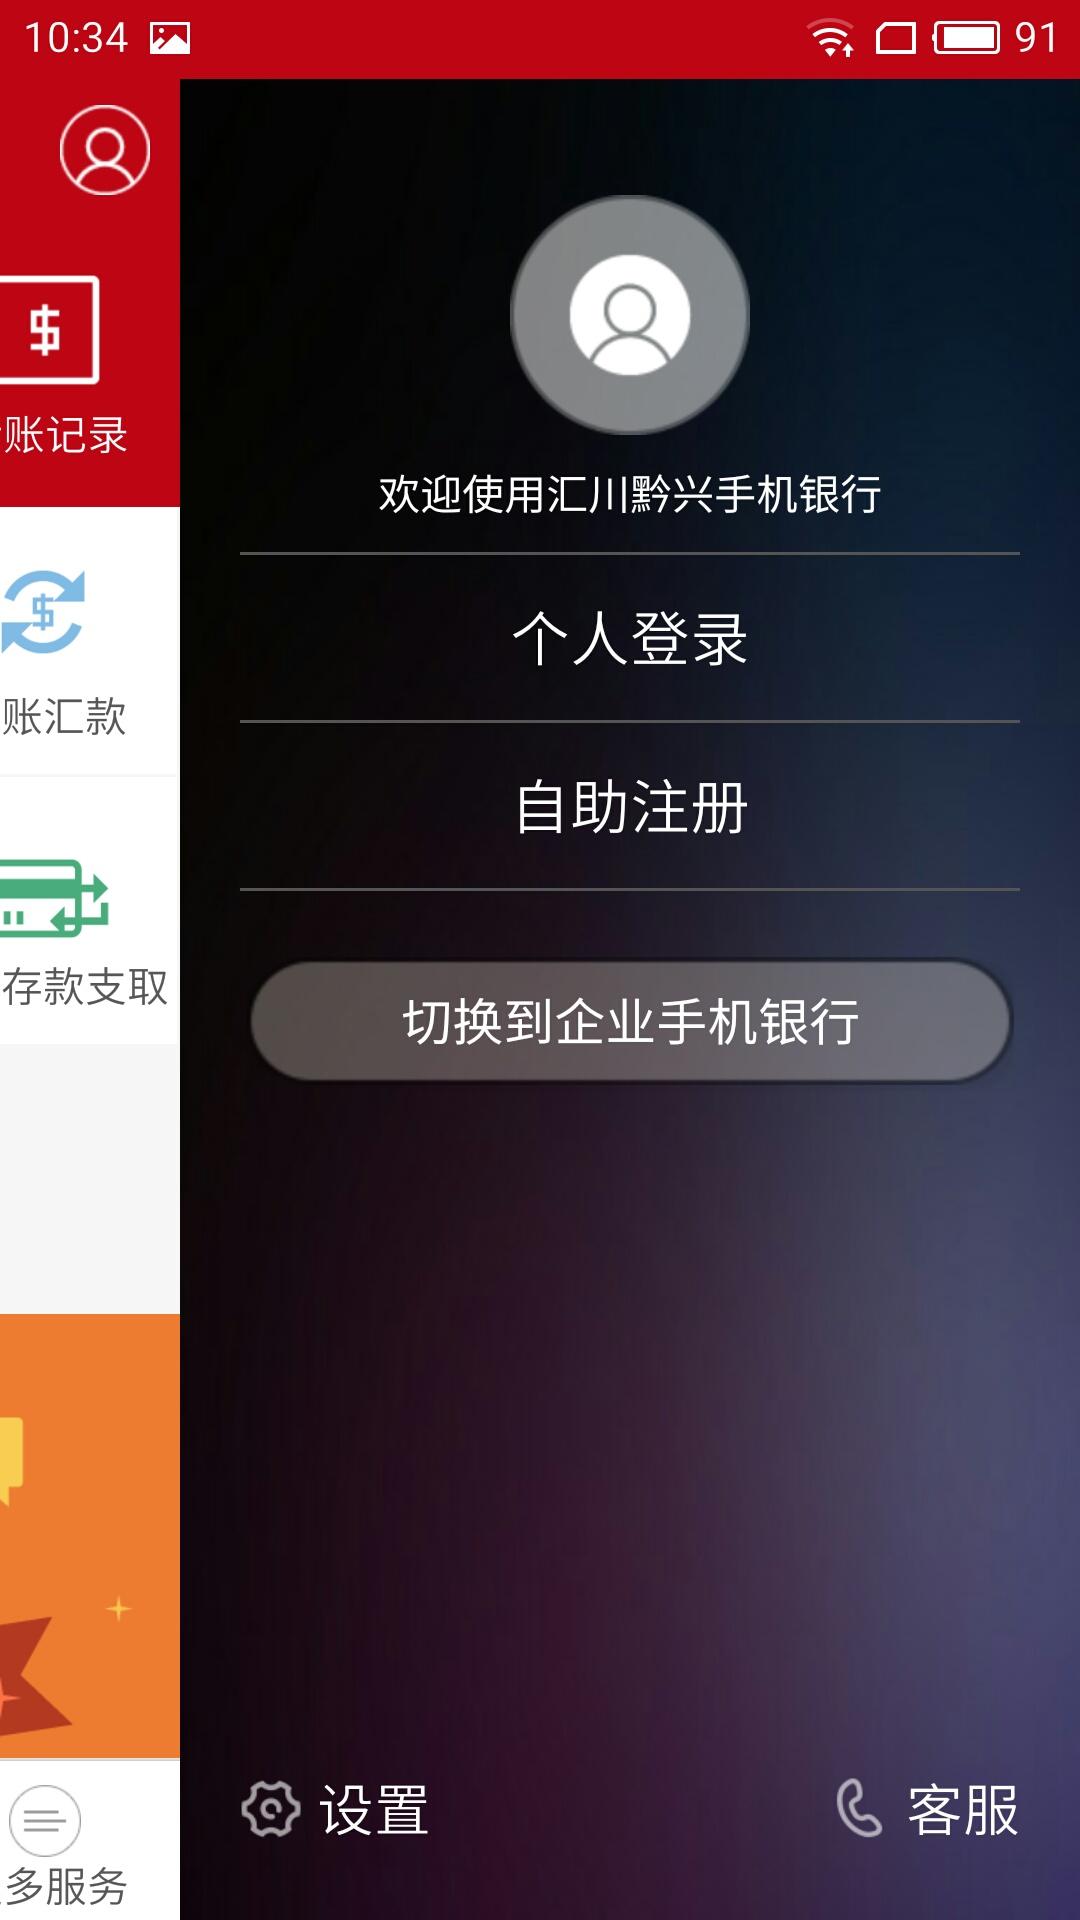 遵义汇川黔兴村镇银行截图(4)